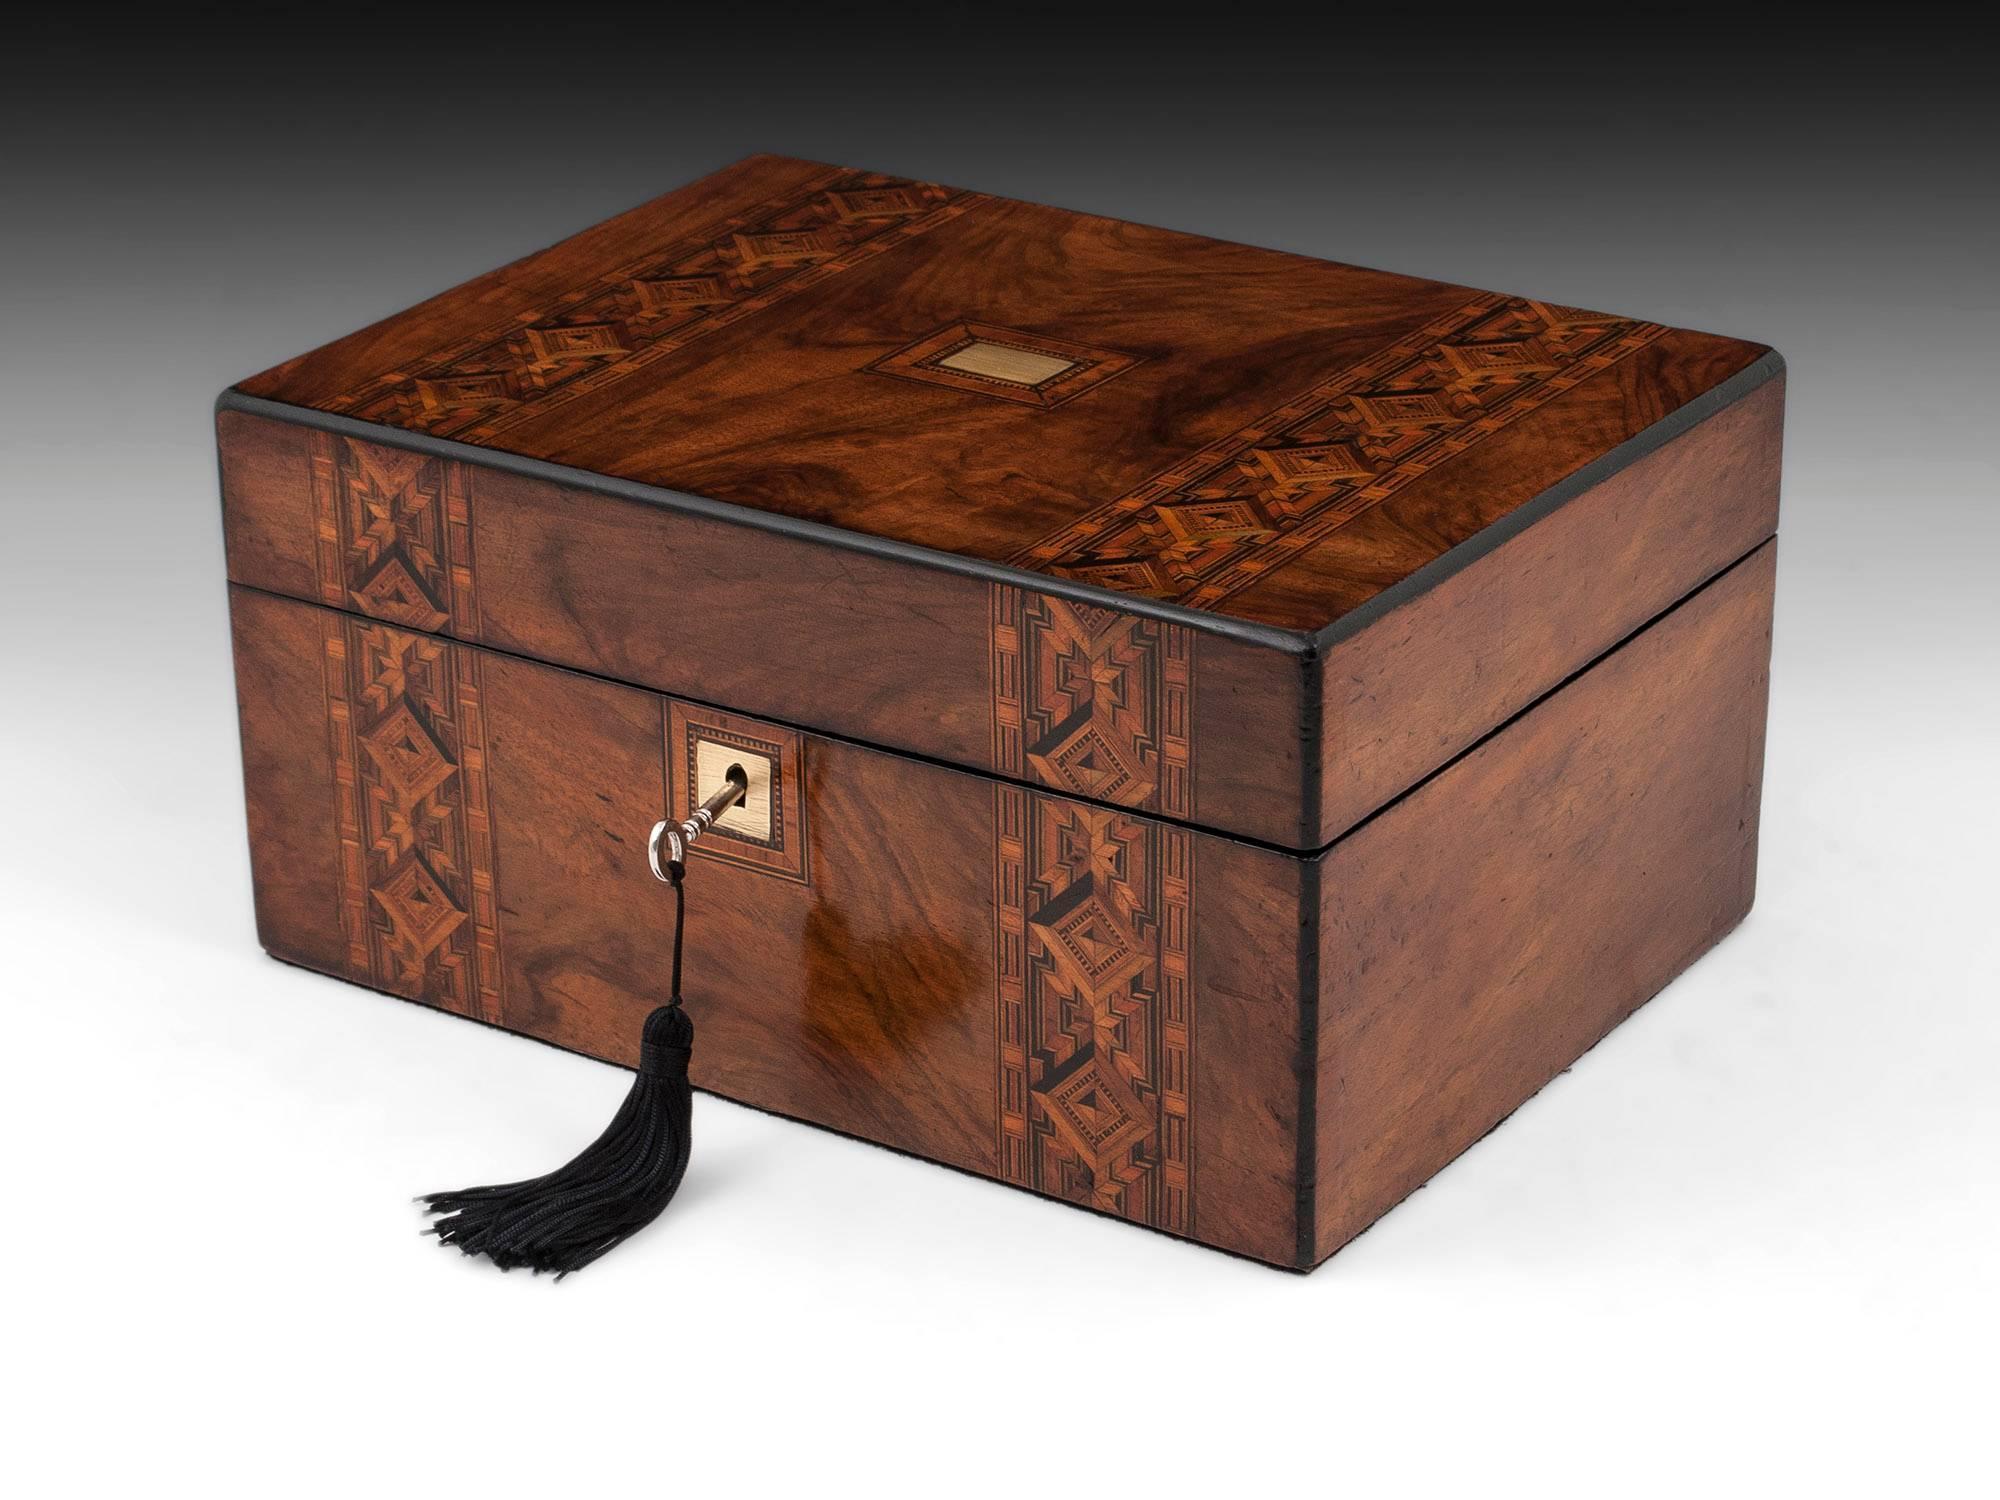 Tunbridge Style Victorian Walnut Jewelry Box at 1stdibs